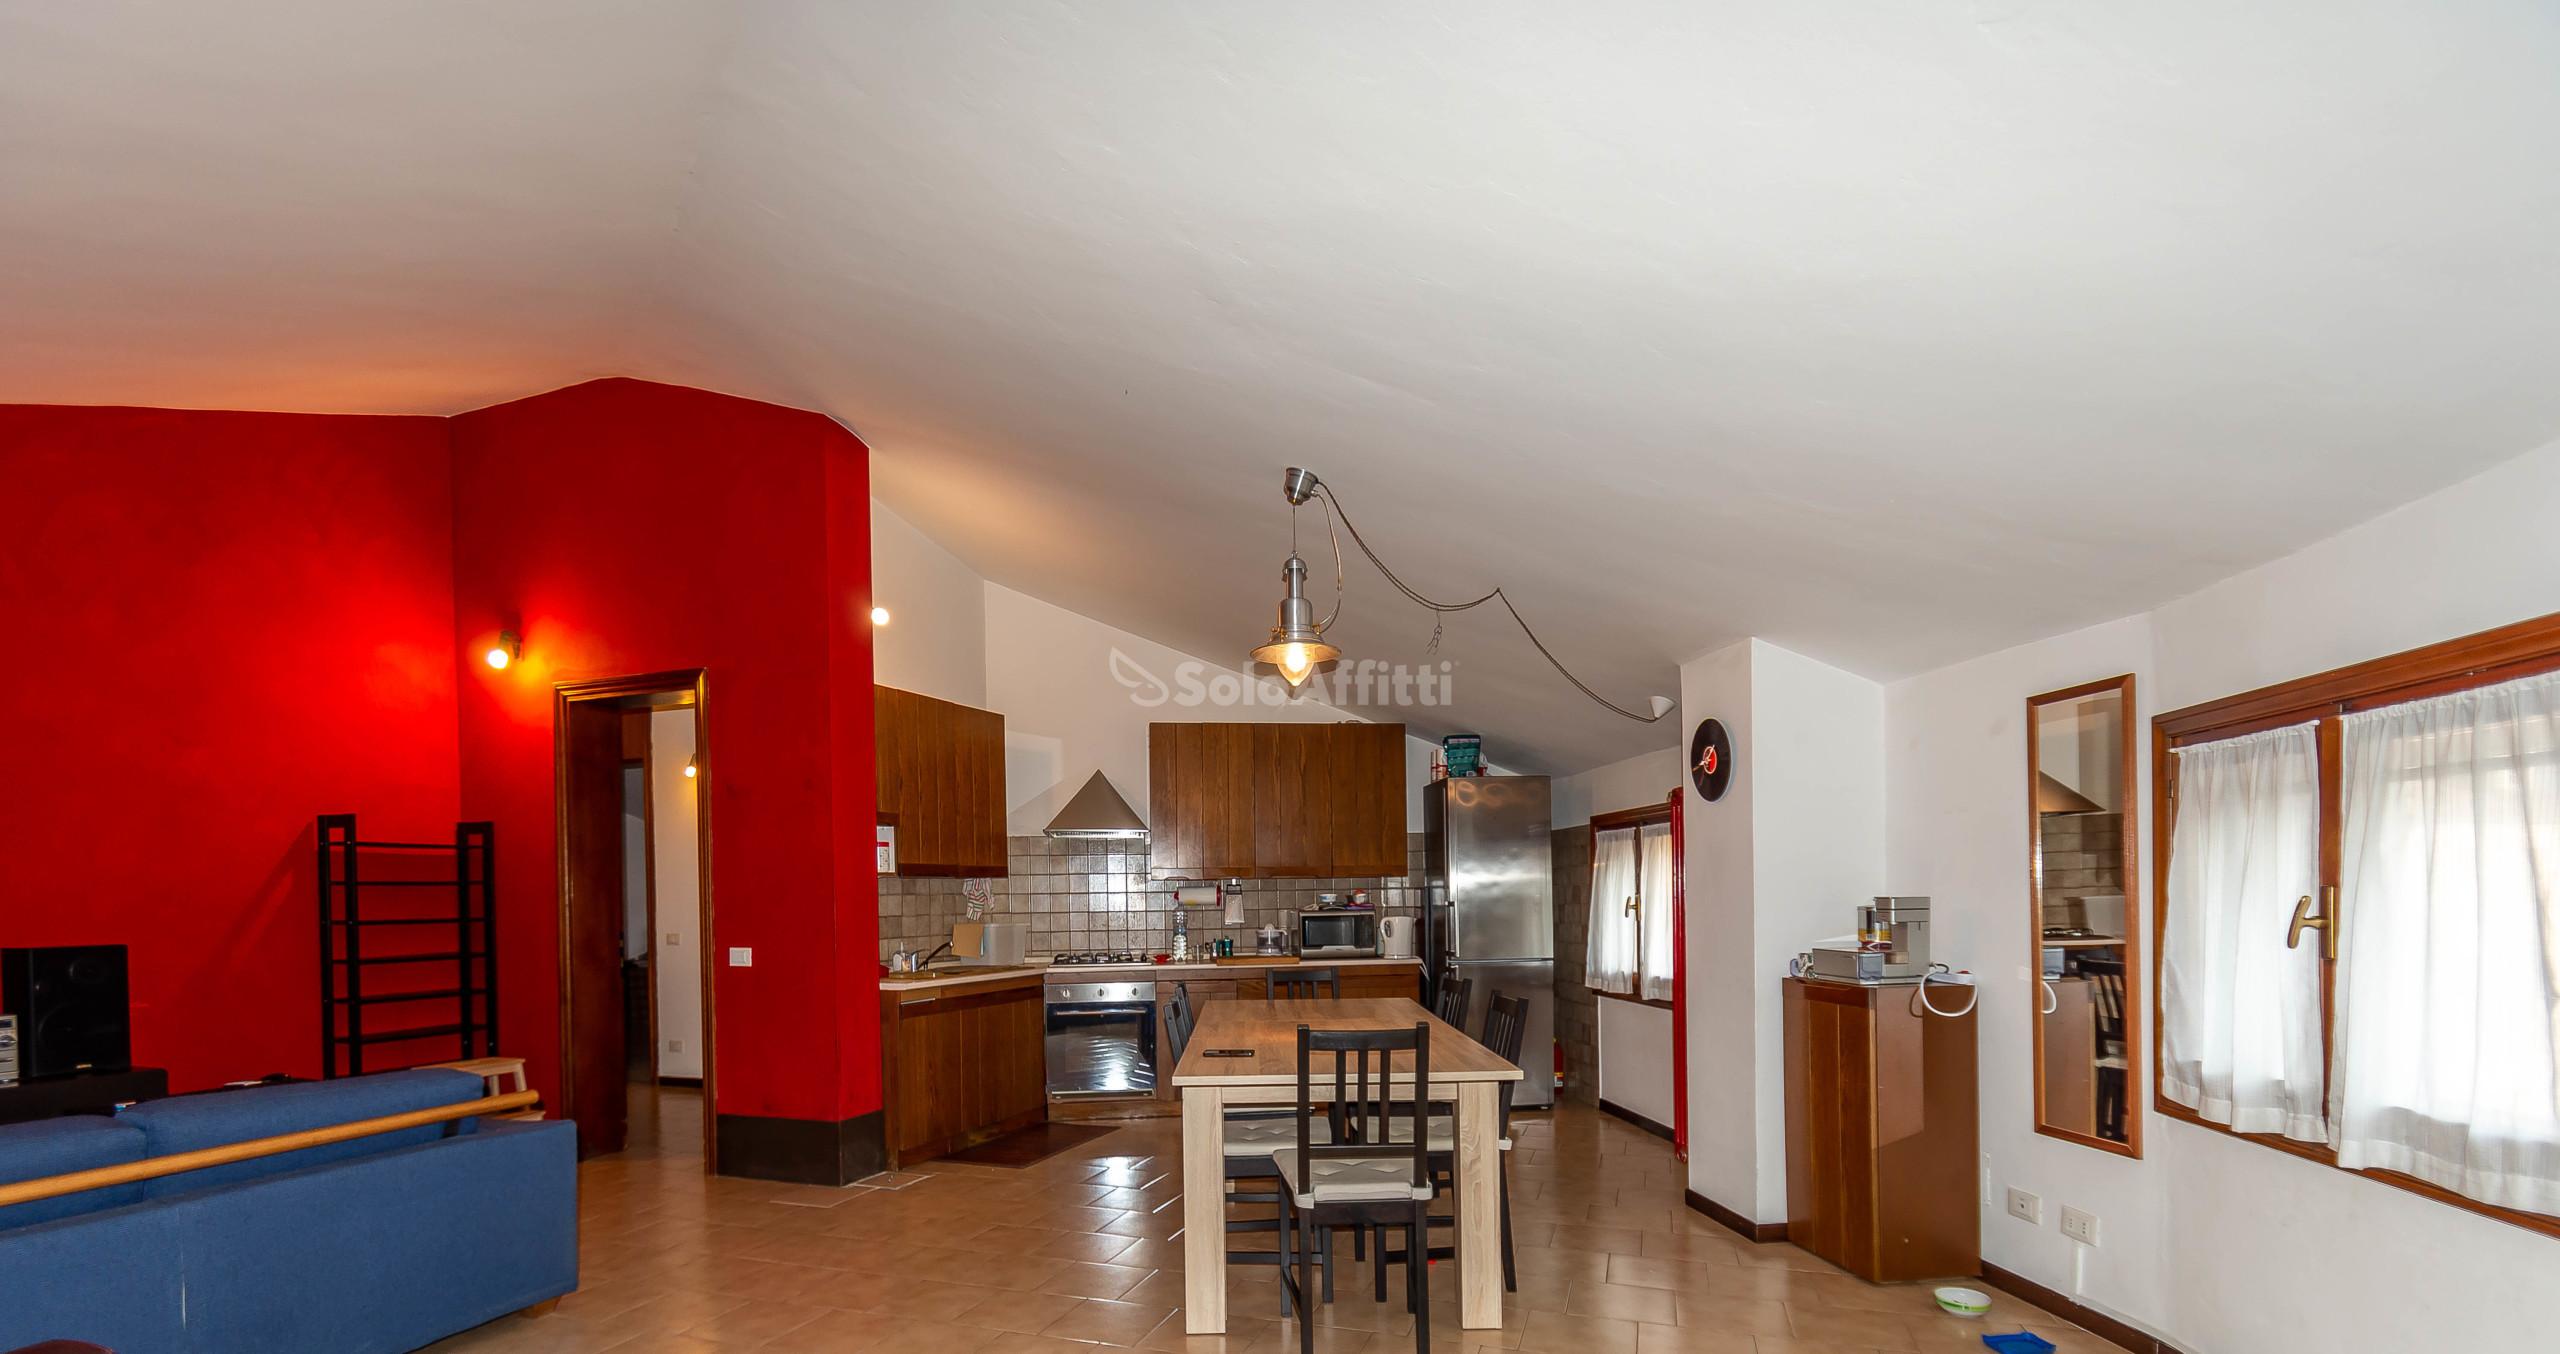 Appartamento Bilocale 6 vani 140 mq.